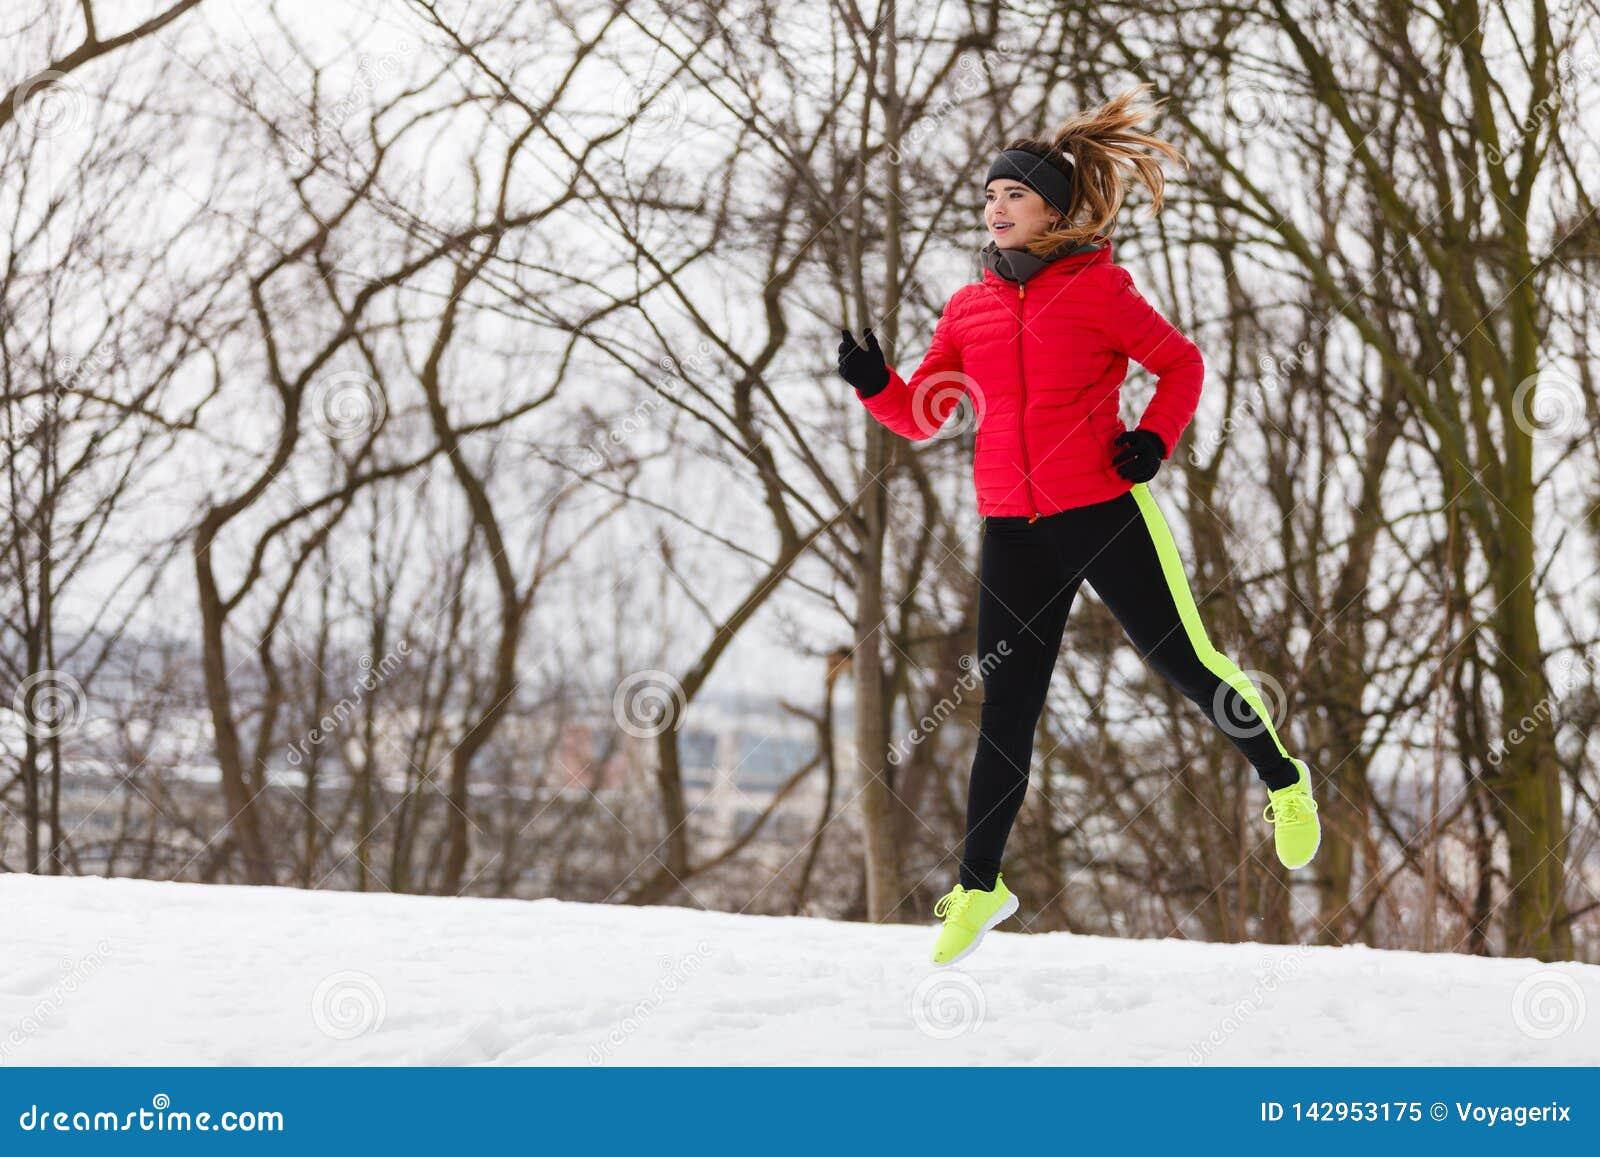 vetement de sport pour l'hiver